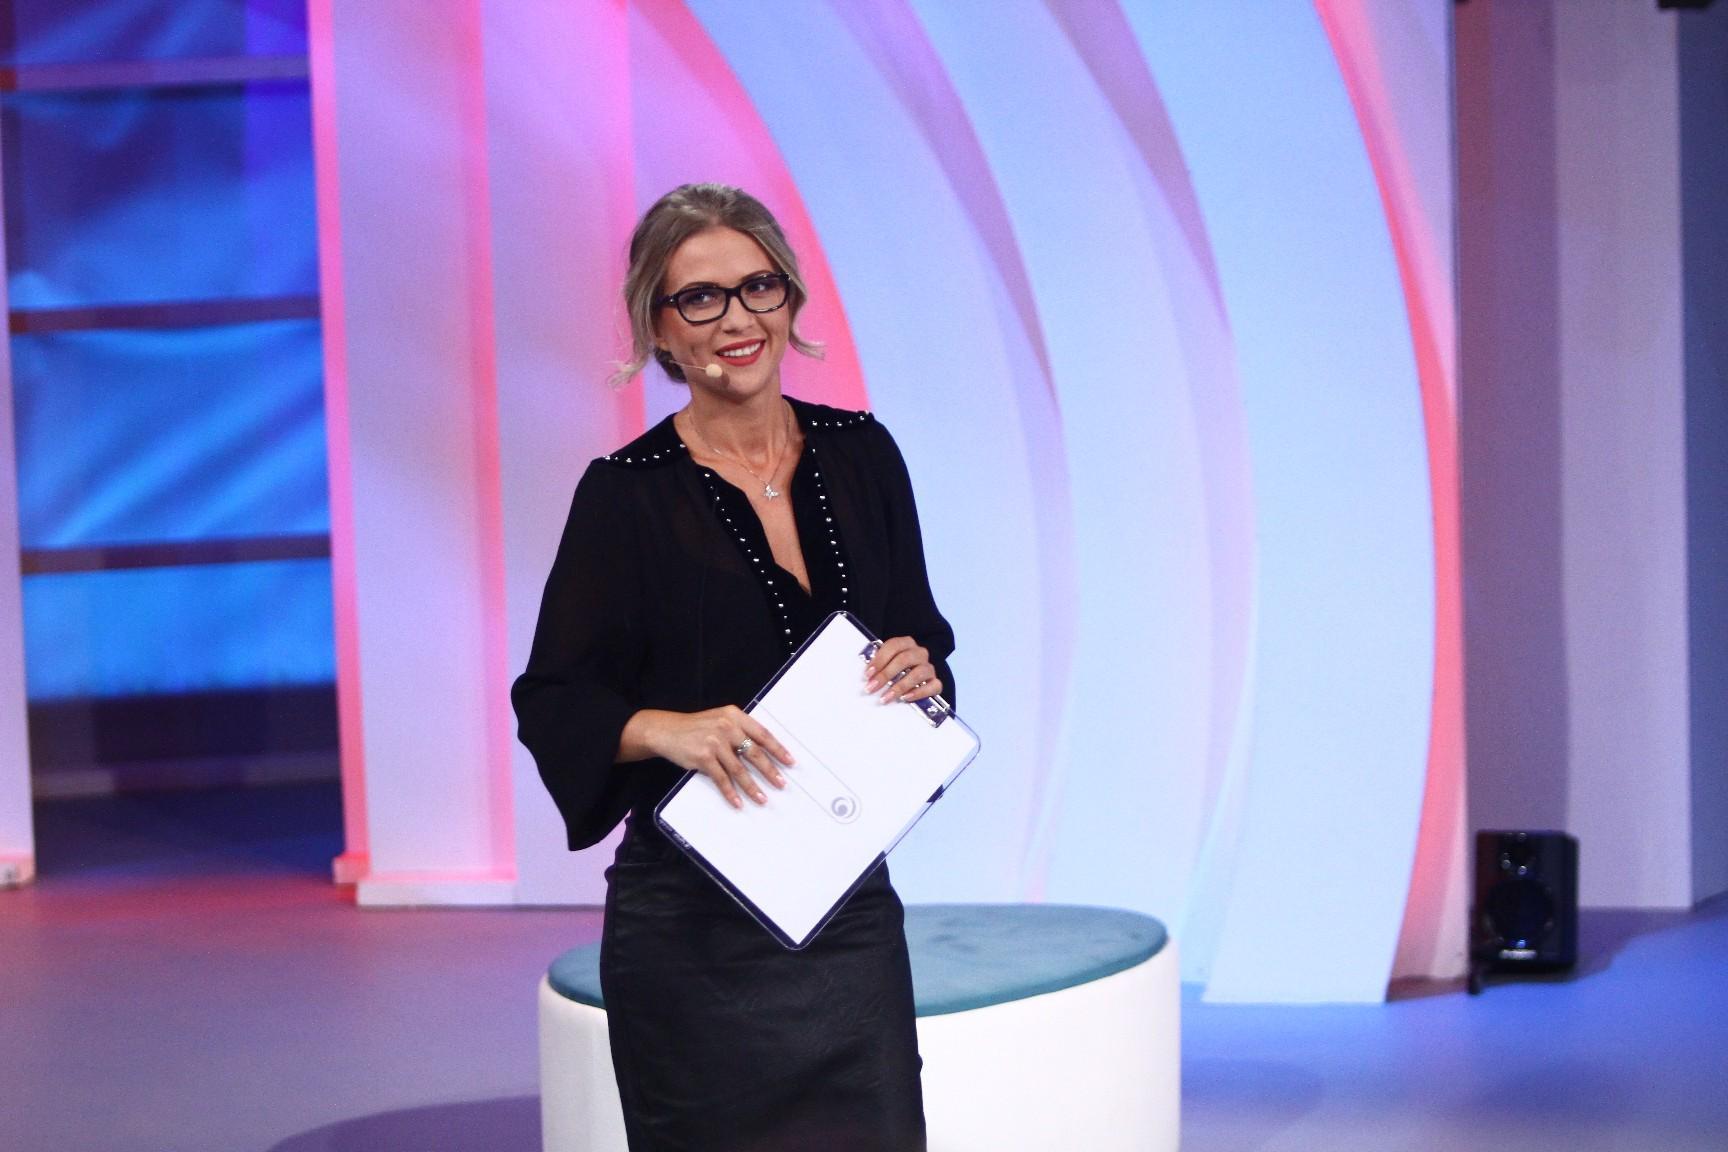 """Cum a ajuns Sonia Simionov să prezinte emisiunea """"Am ceva să-ți spun"""": """"Simt că e locul meu în acest platou și pentru asta sunt foarte fericită"""""""